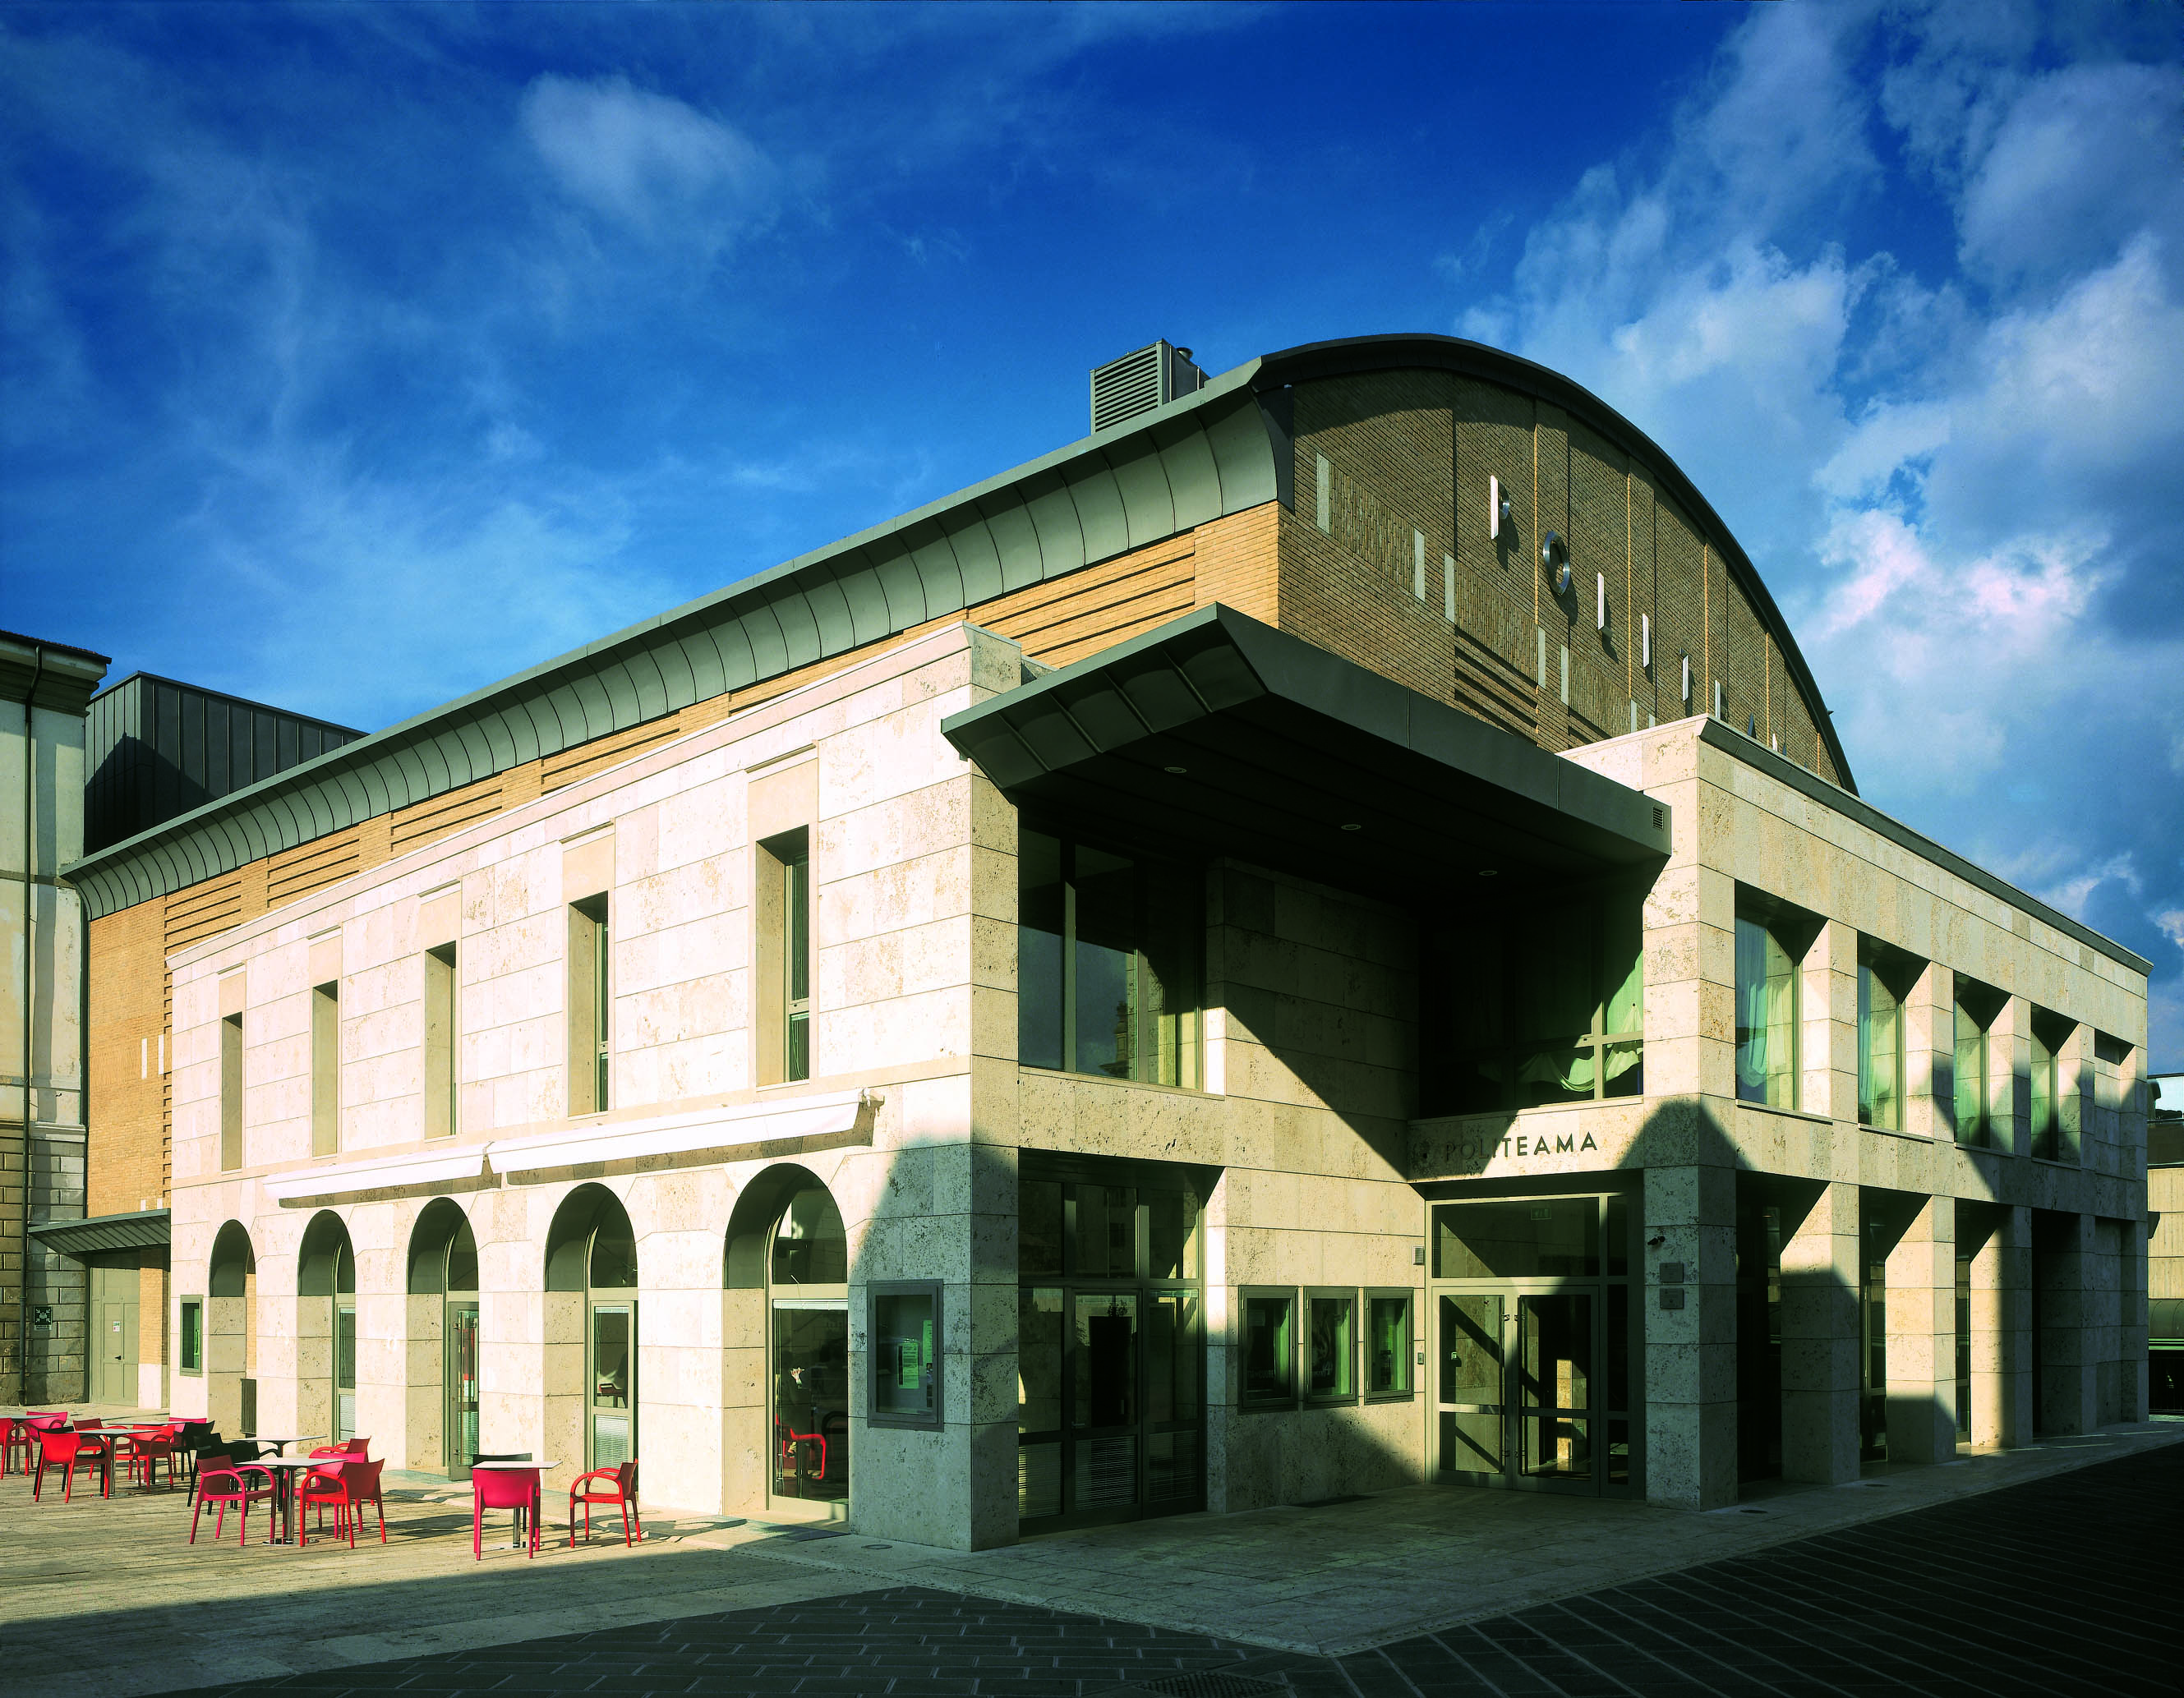 Teatro Politeama di Poggibonsi: parte la campagna abbonamenti per la nuova stagione